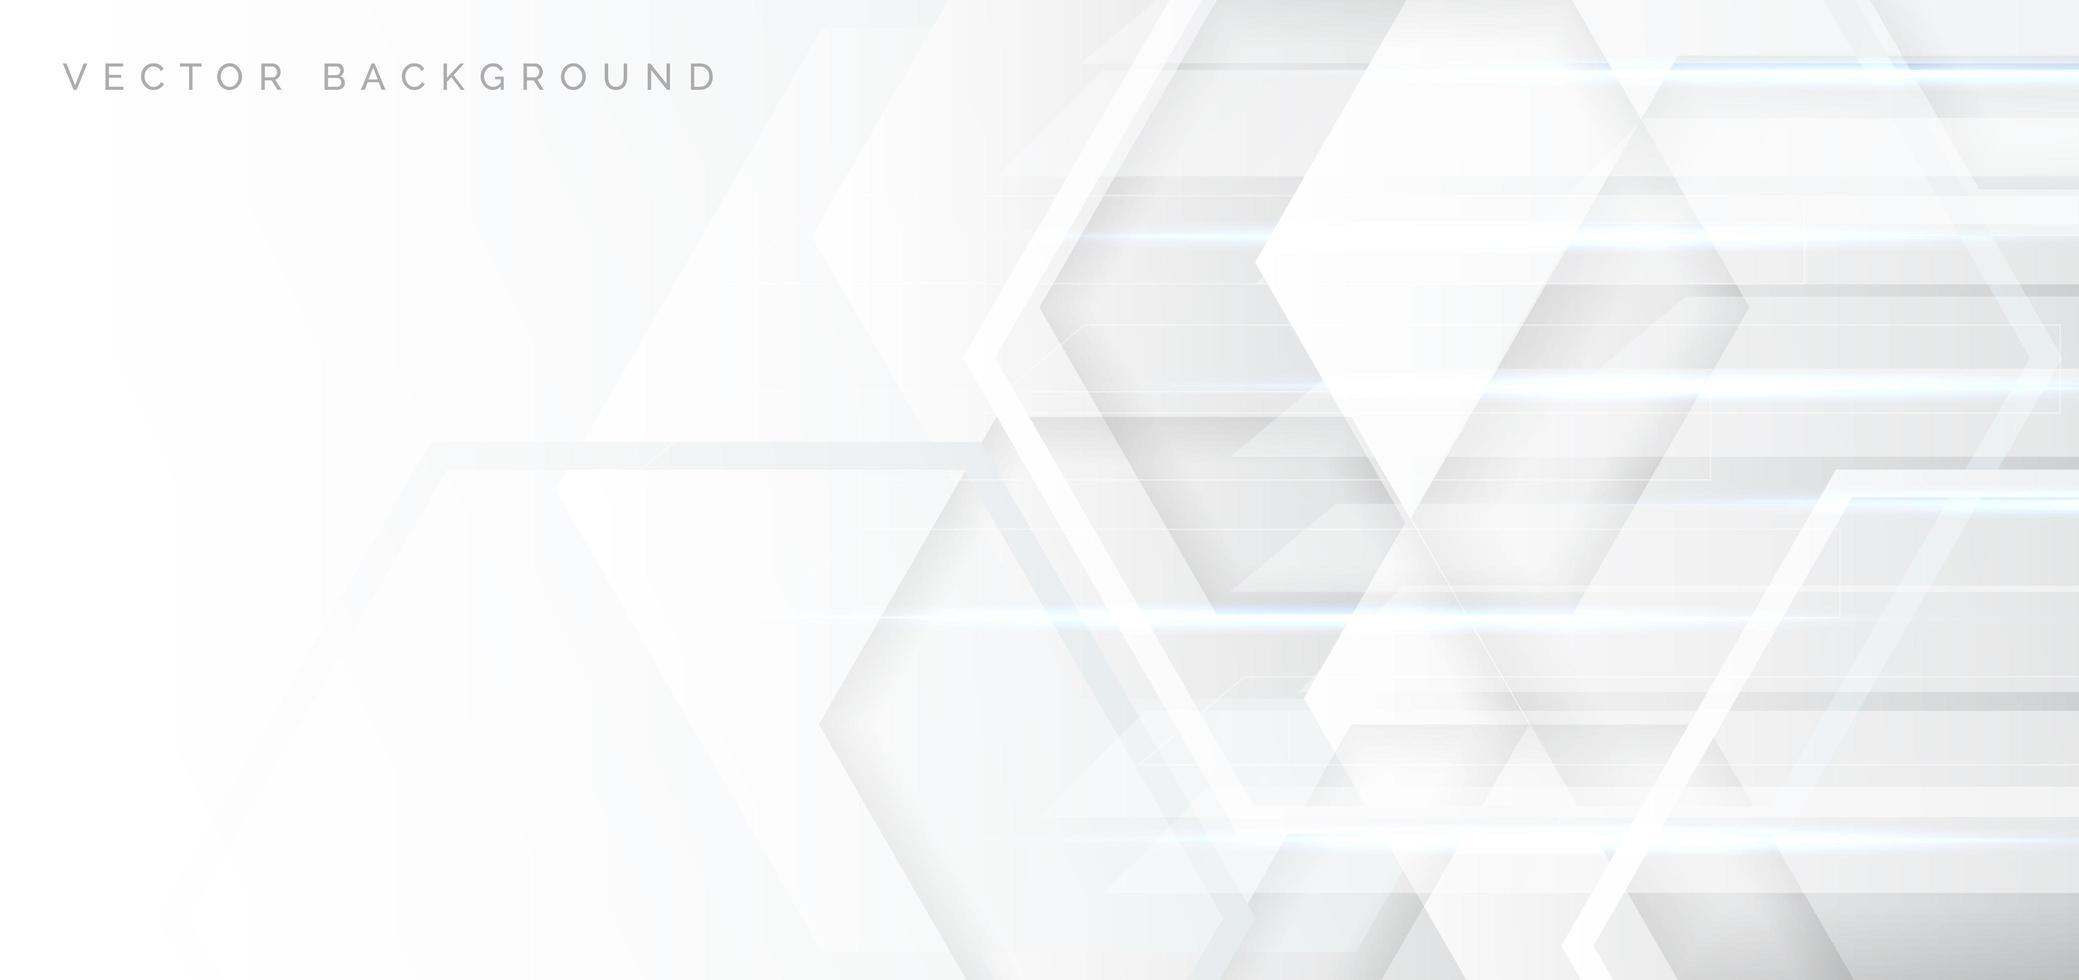 banner abstrato com hexágonos branco e cinza vetor